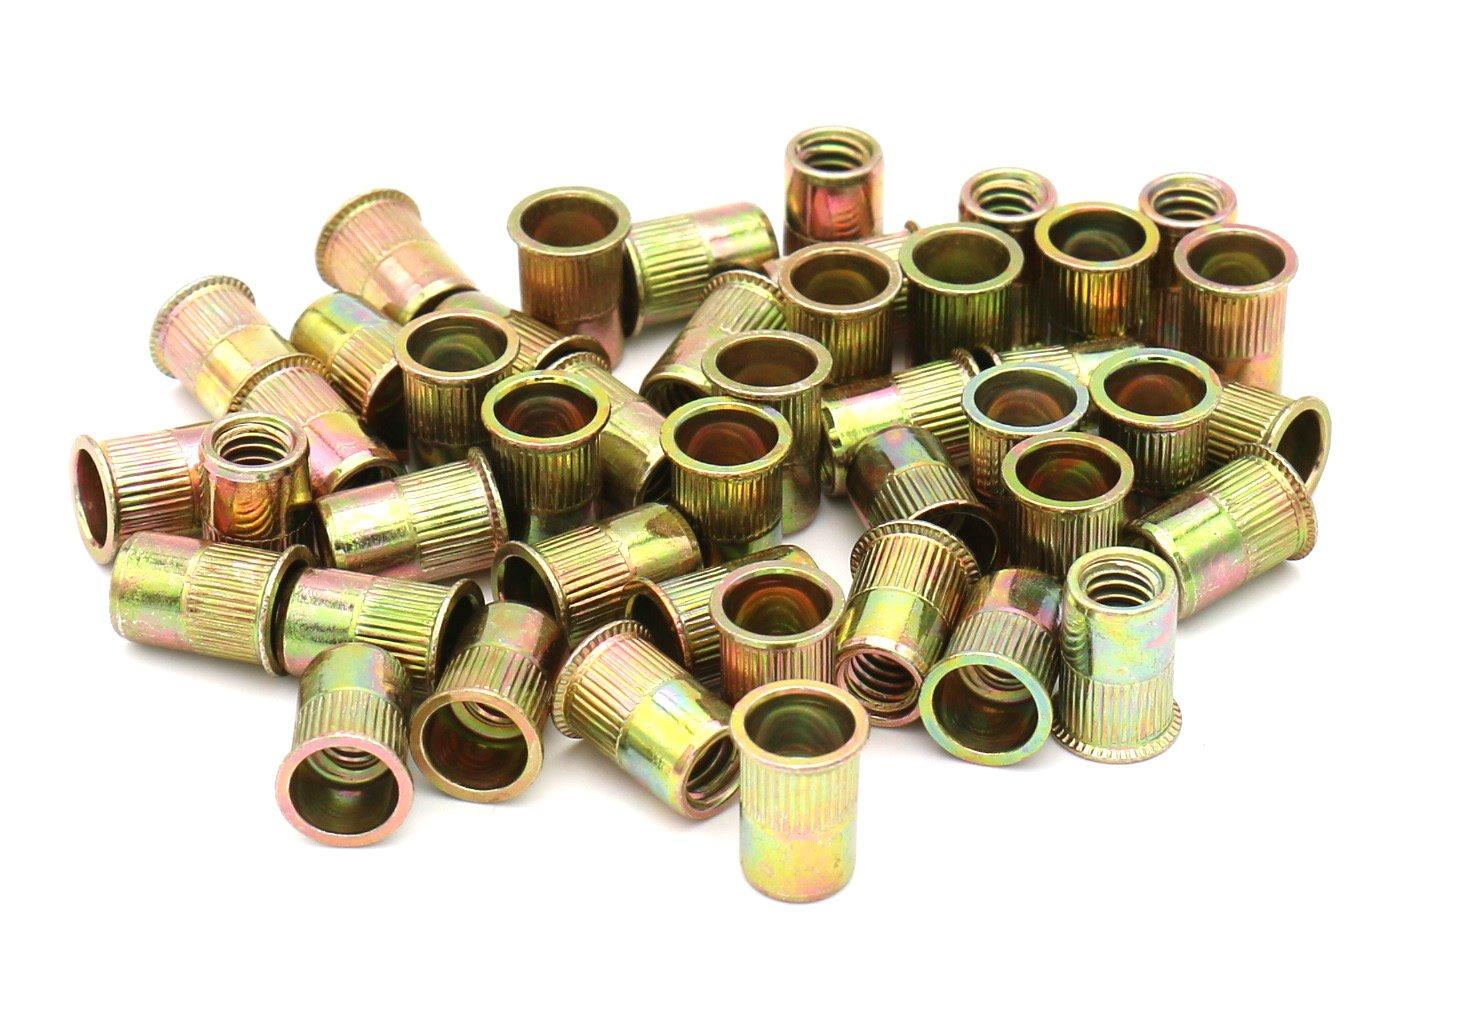 iExcell 1/4-20UNC Rivet Nut Flat Head Insert Nutsert,Yellow Zinc Plated, Carbon Steel ,Small Flat Head, Quantity 100